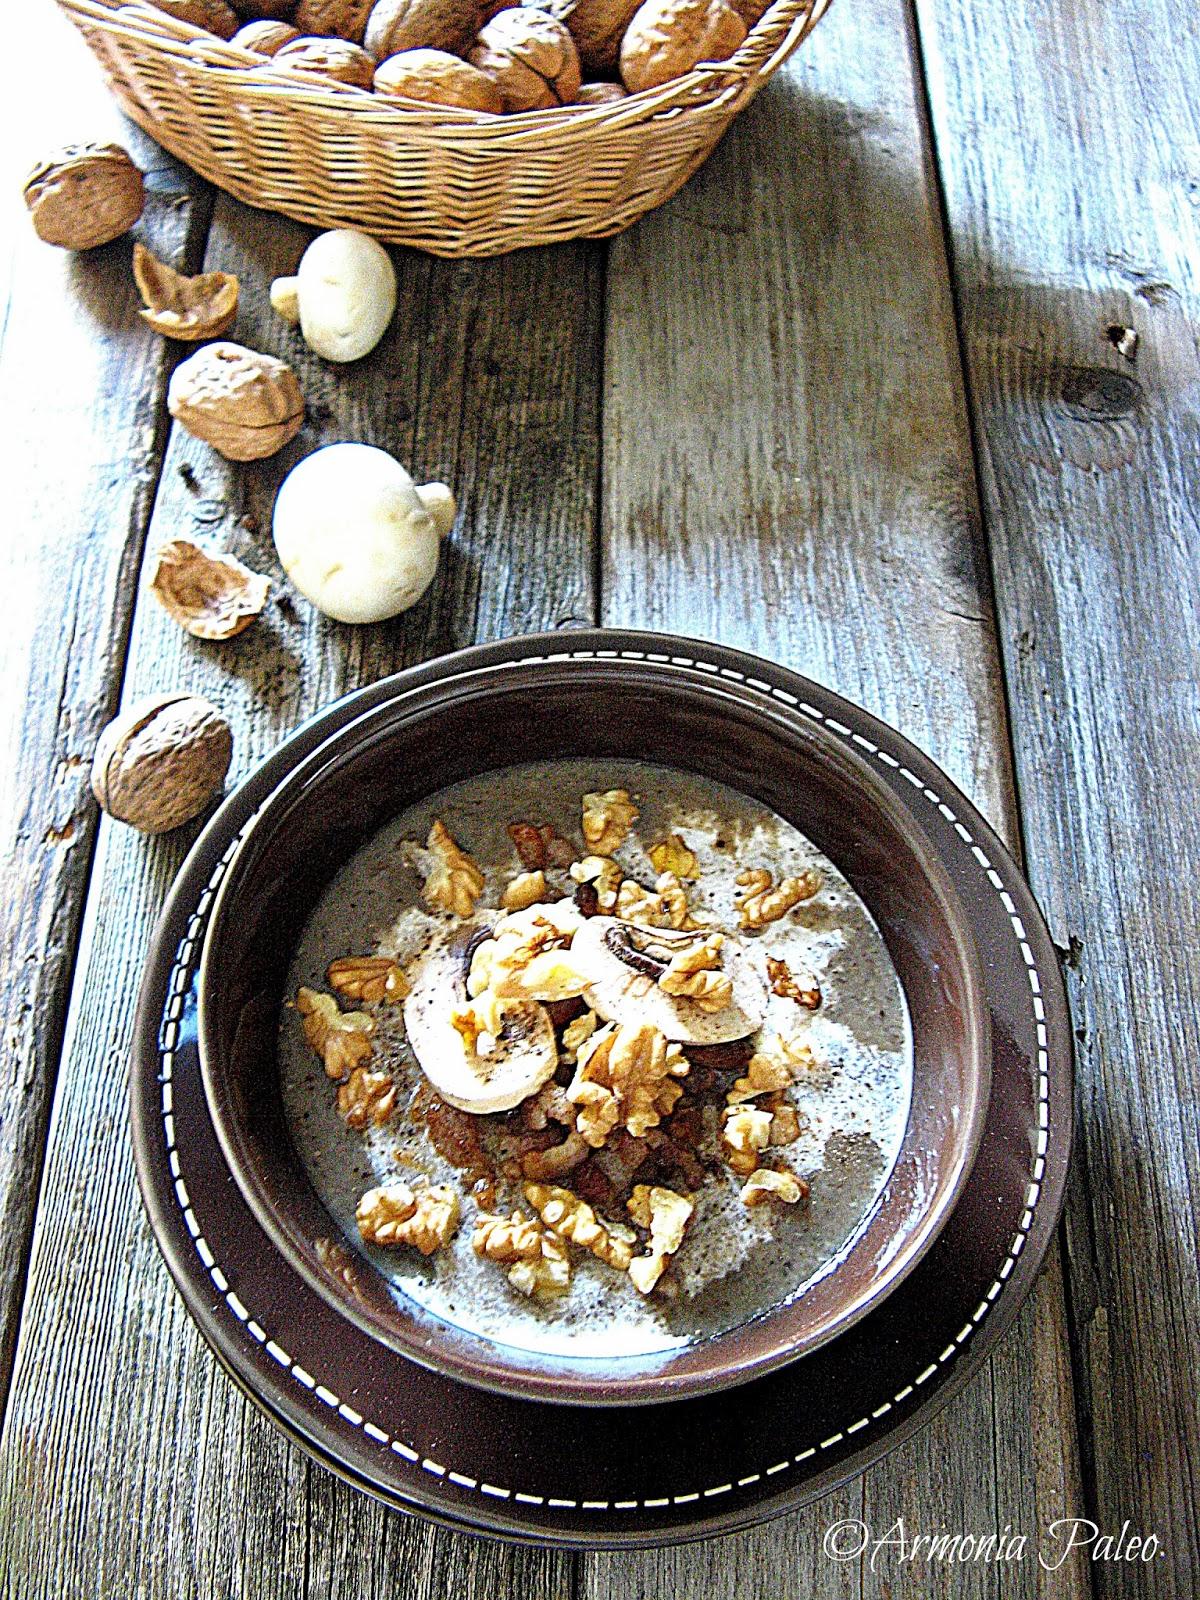 Vellutata di Funghi con Noci e Pancetta di Armonia Paleo